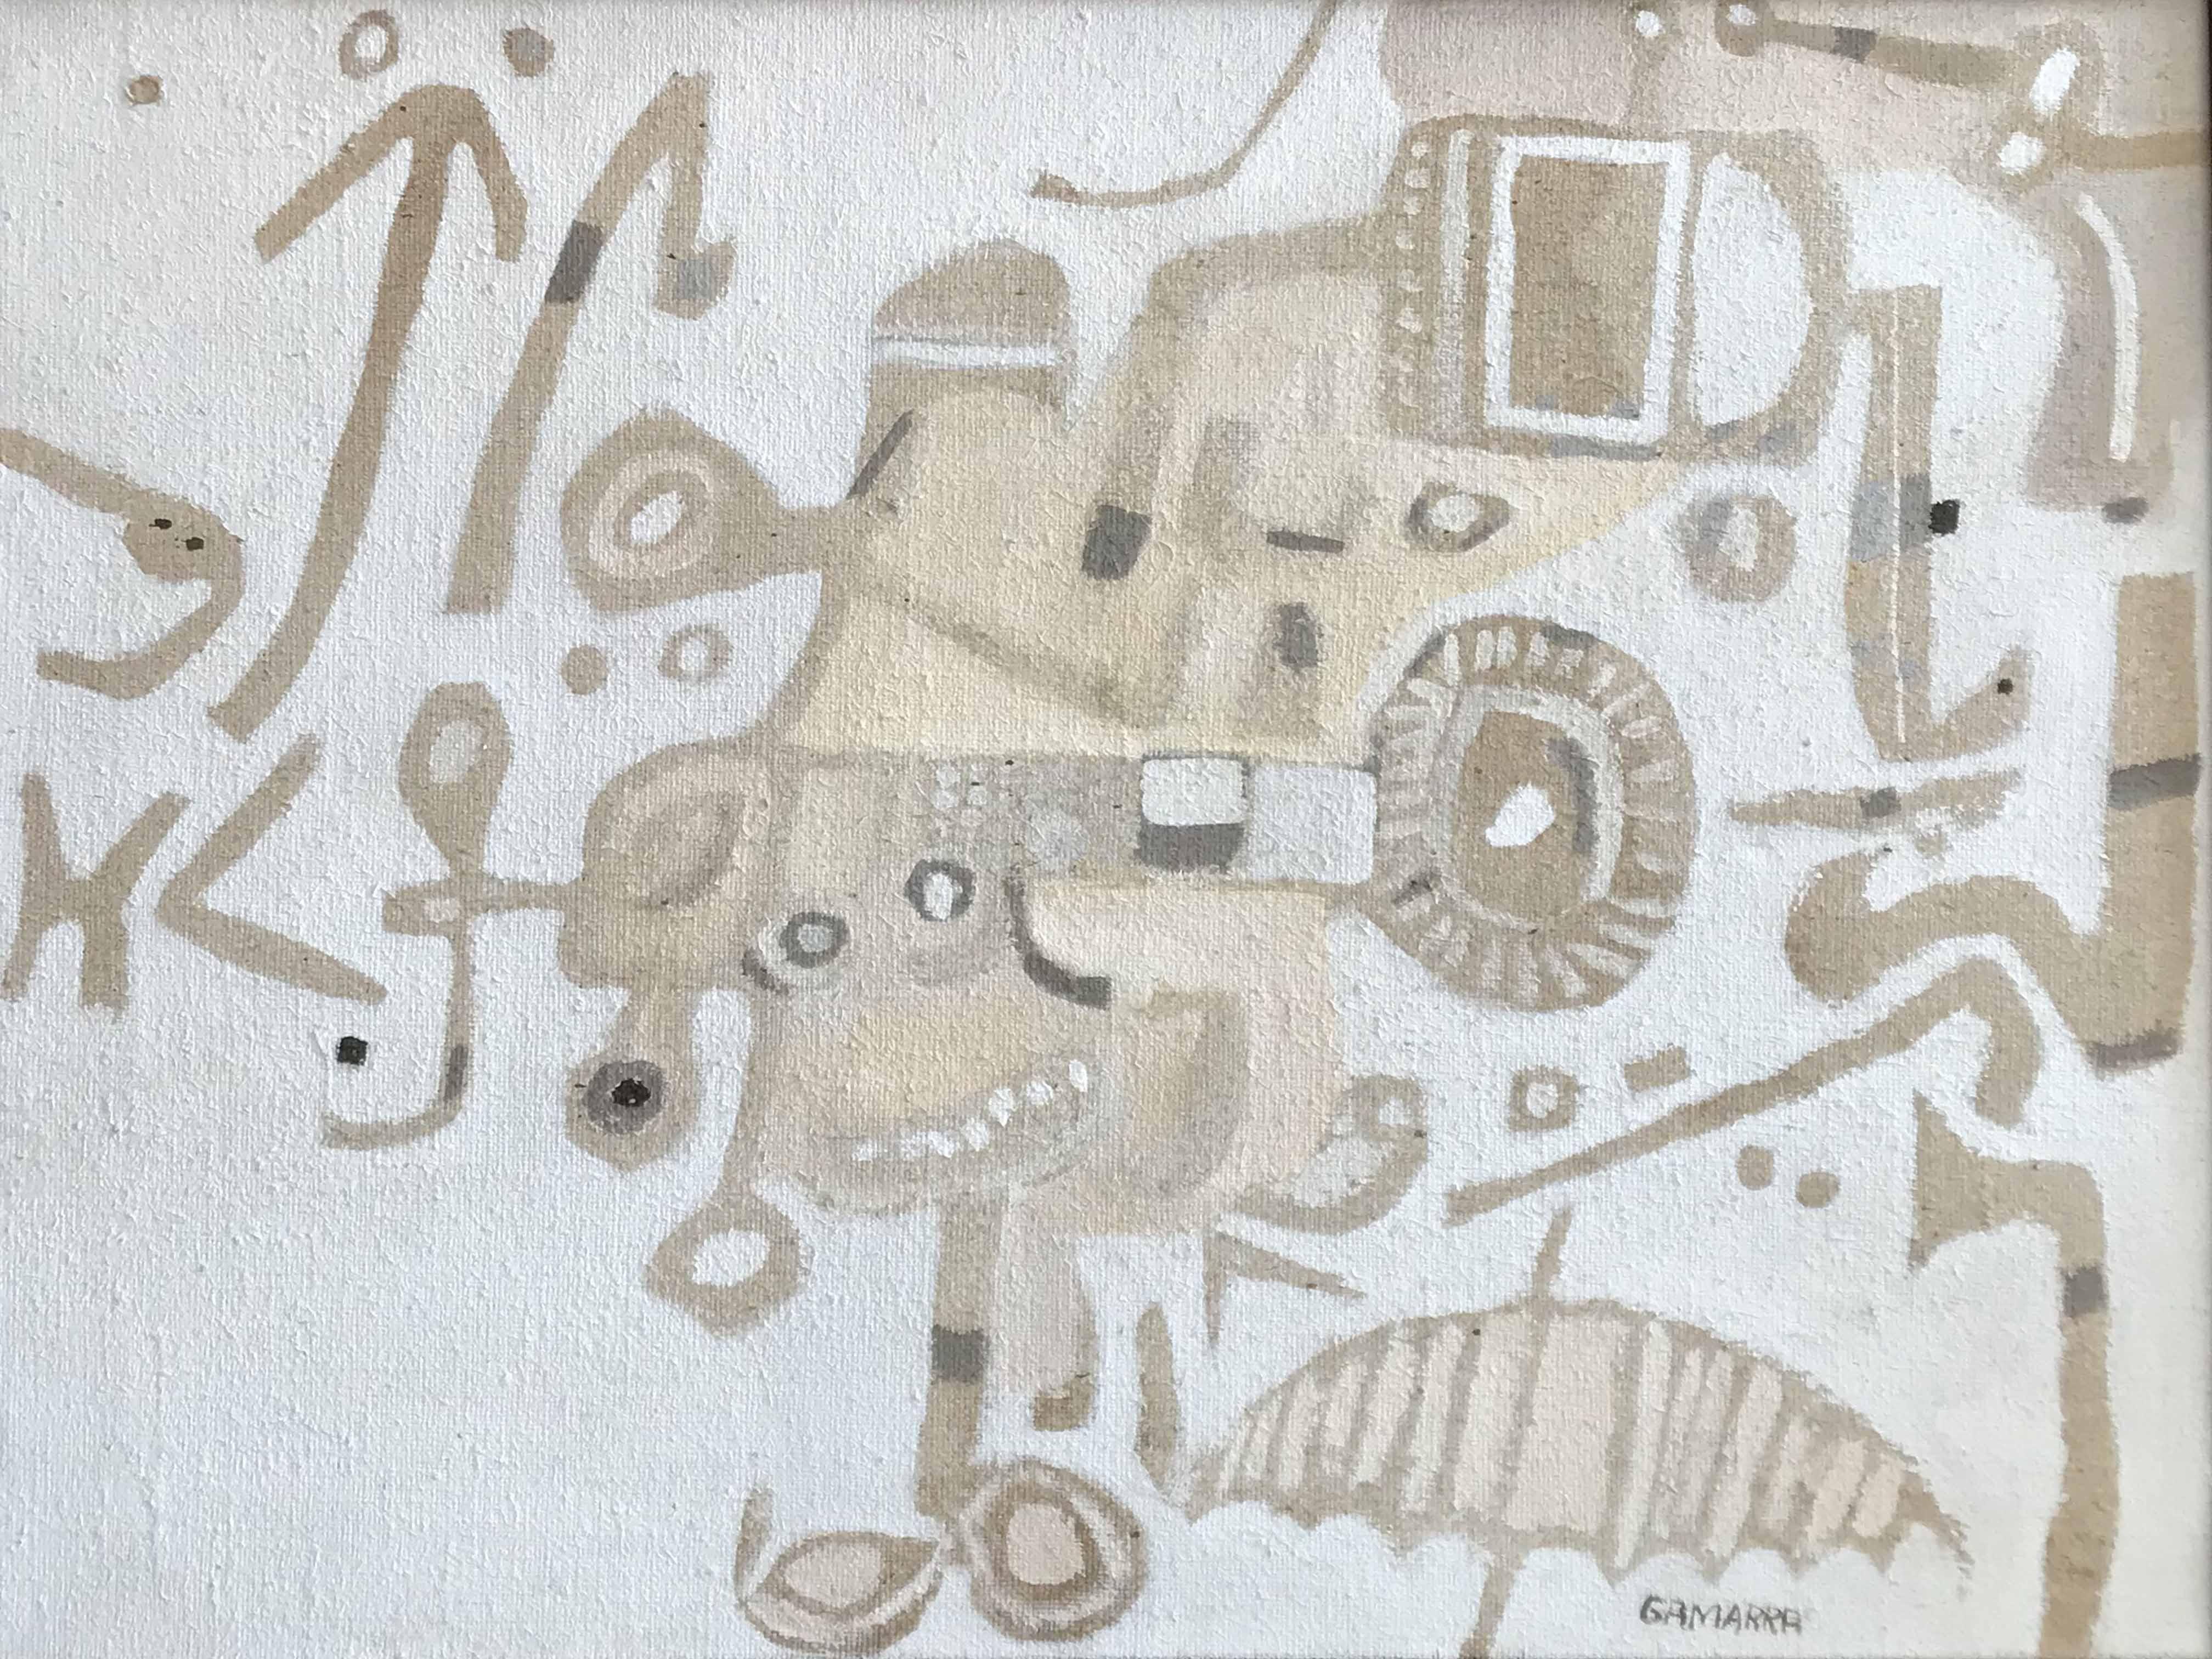 JOSE GAMARRA (Nac. 1934) Sin título Oleo sobre arpillera; 60 x 72 cm. Firmado abajo a la derecha. POR CONSULTAS DE PRECIOS, CONTACTE LA GALERIA. FOR PRICE´S ENQUIRIES, PLEASE CONTACT THE GALLERY.